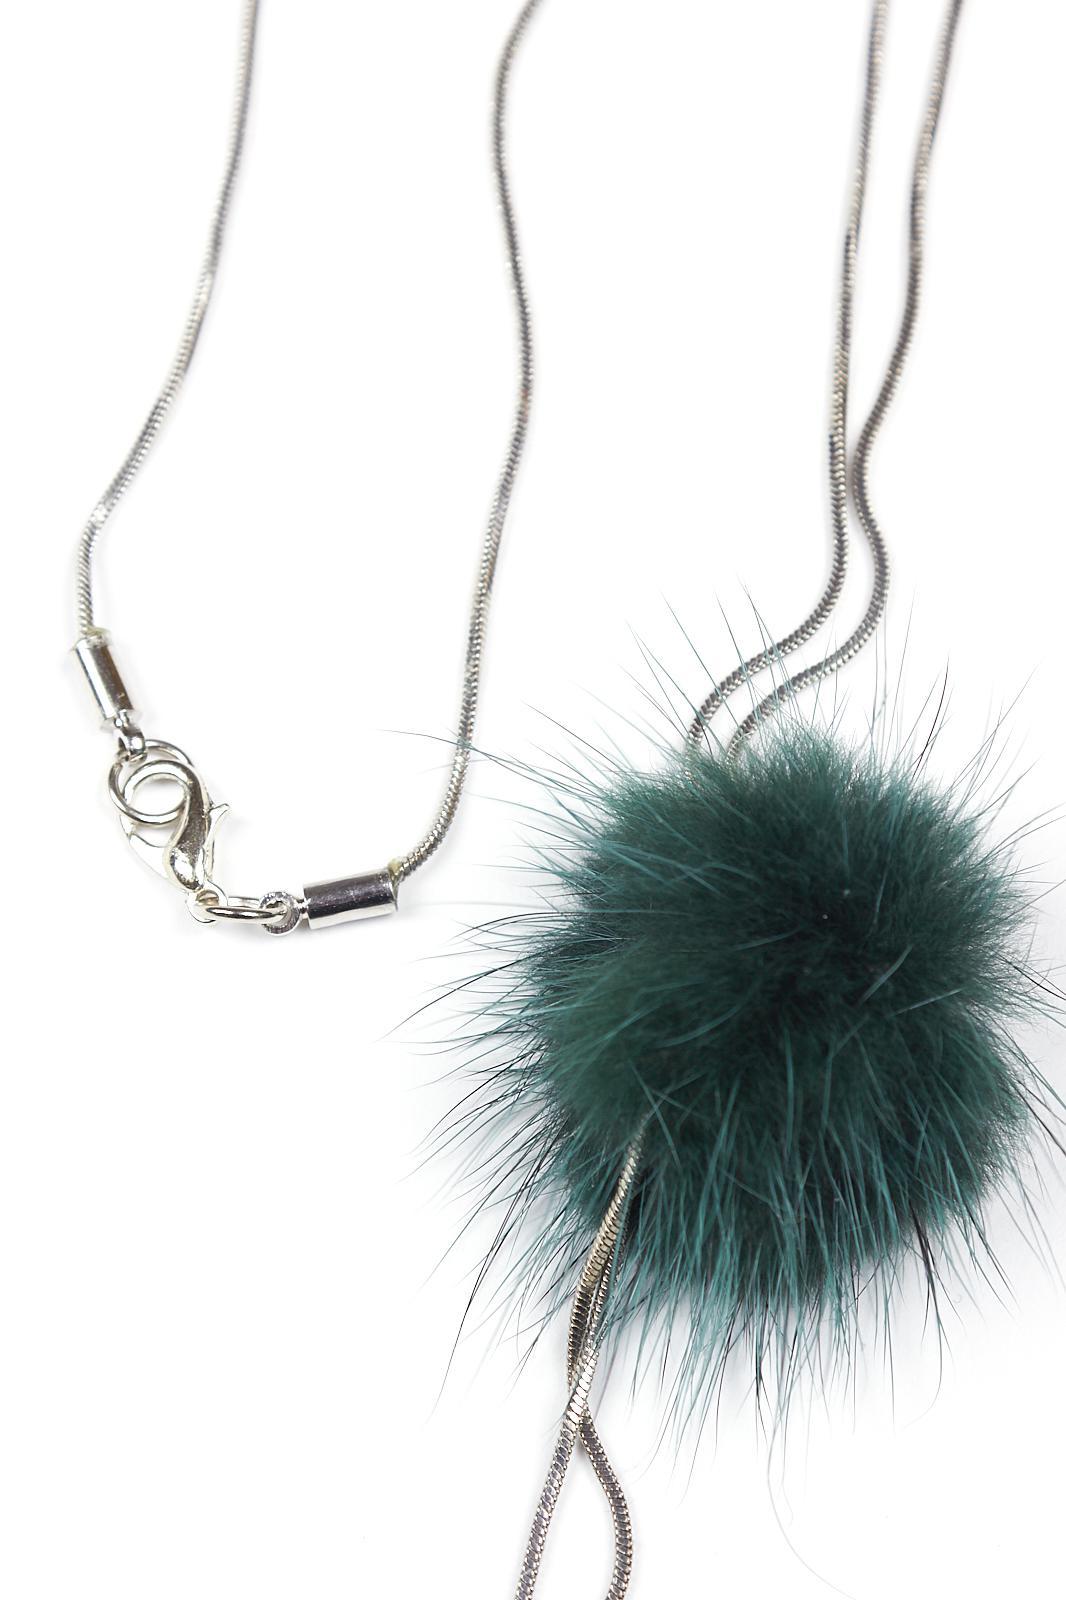 Купить Подвеска Fashion Jewelry, Подвеска 9705 серебро+зелёный, Китай